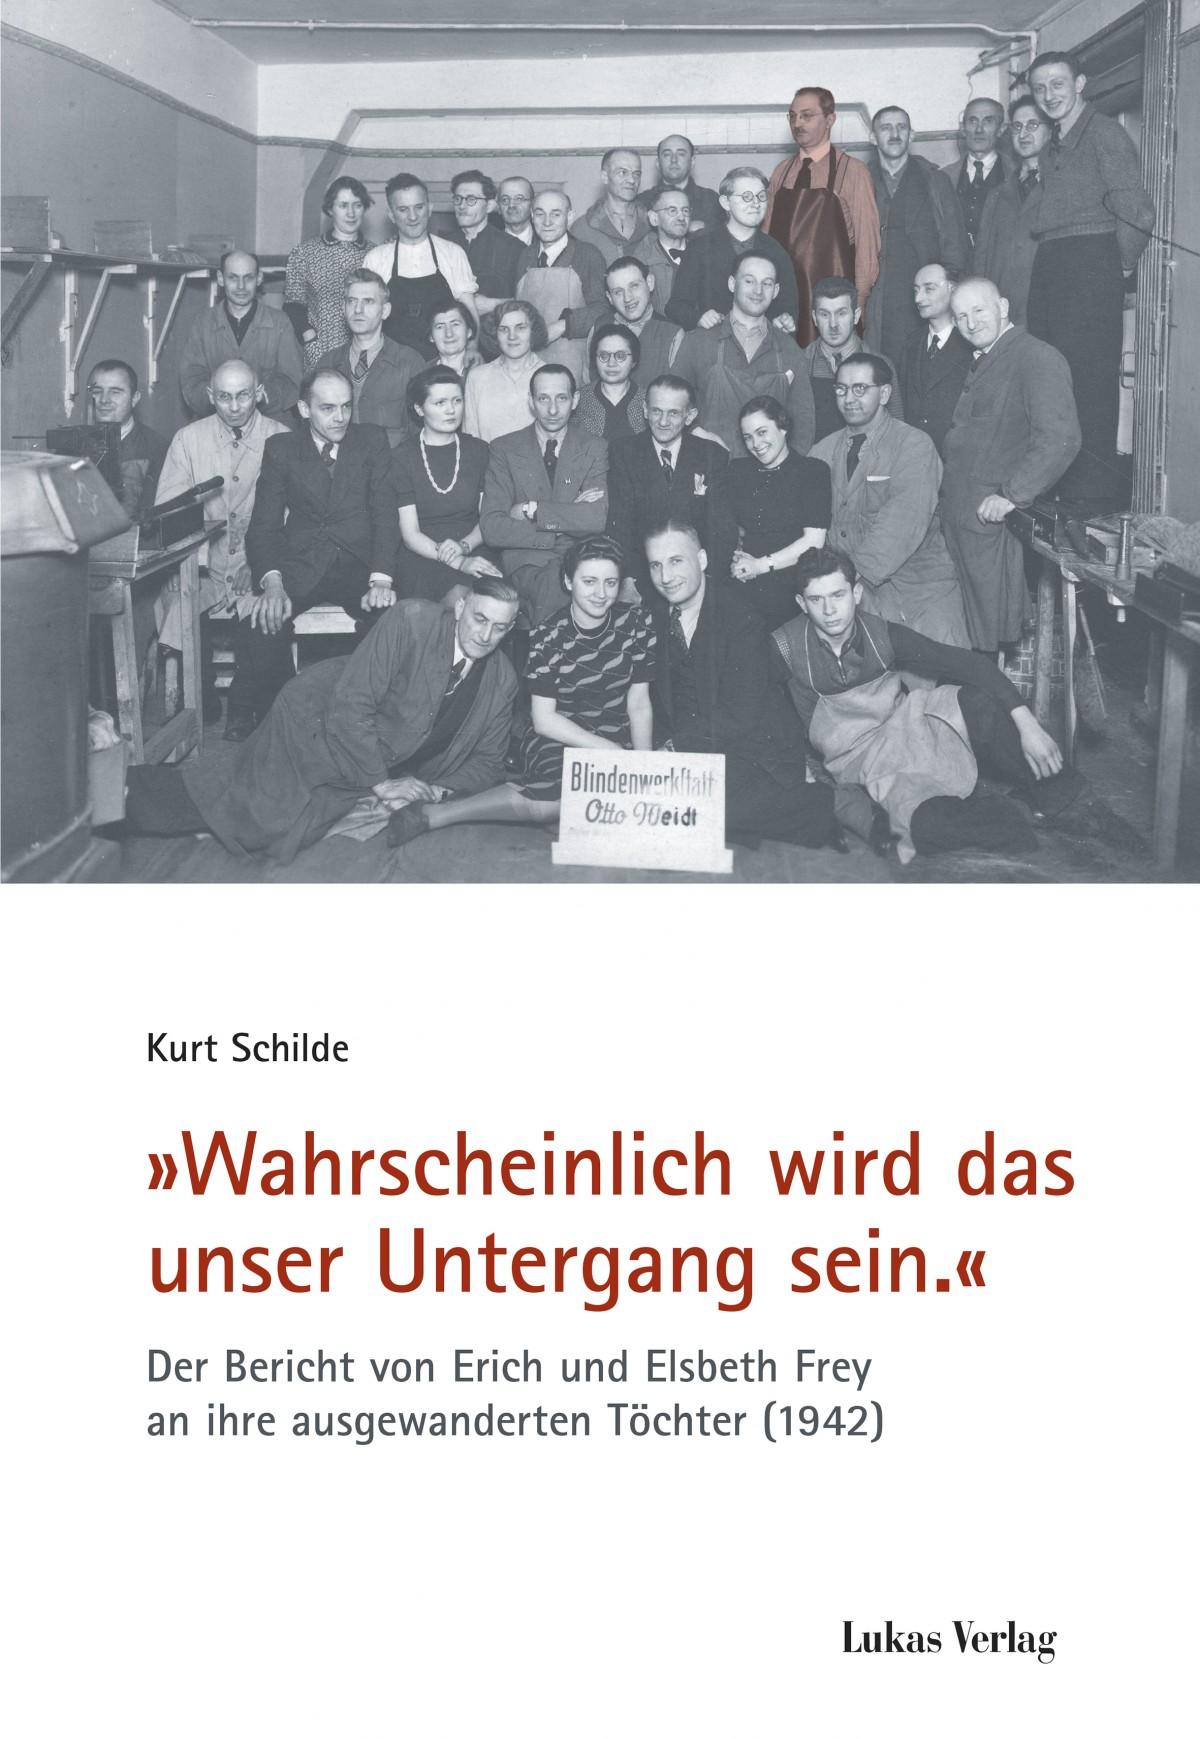 """Bildergebnis für Erich und Elsbeth Frey"""""""